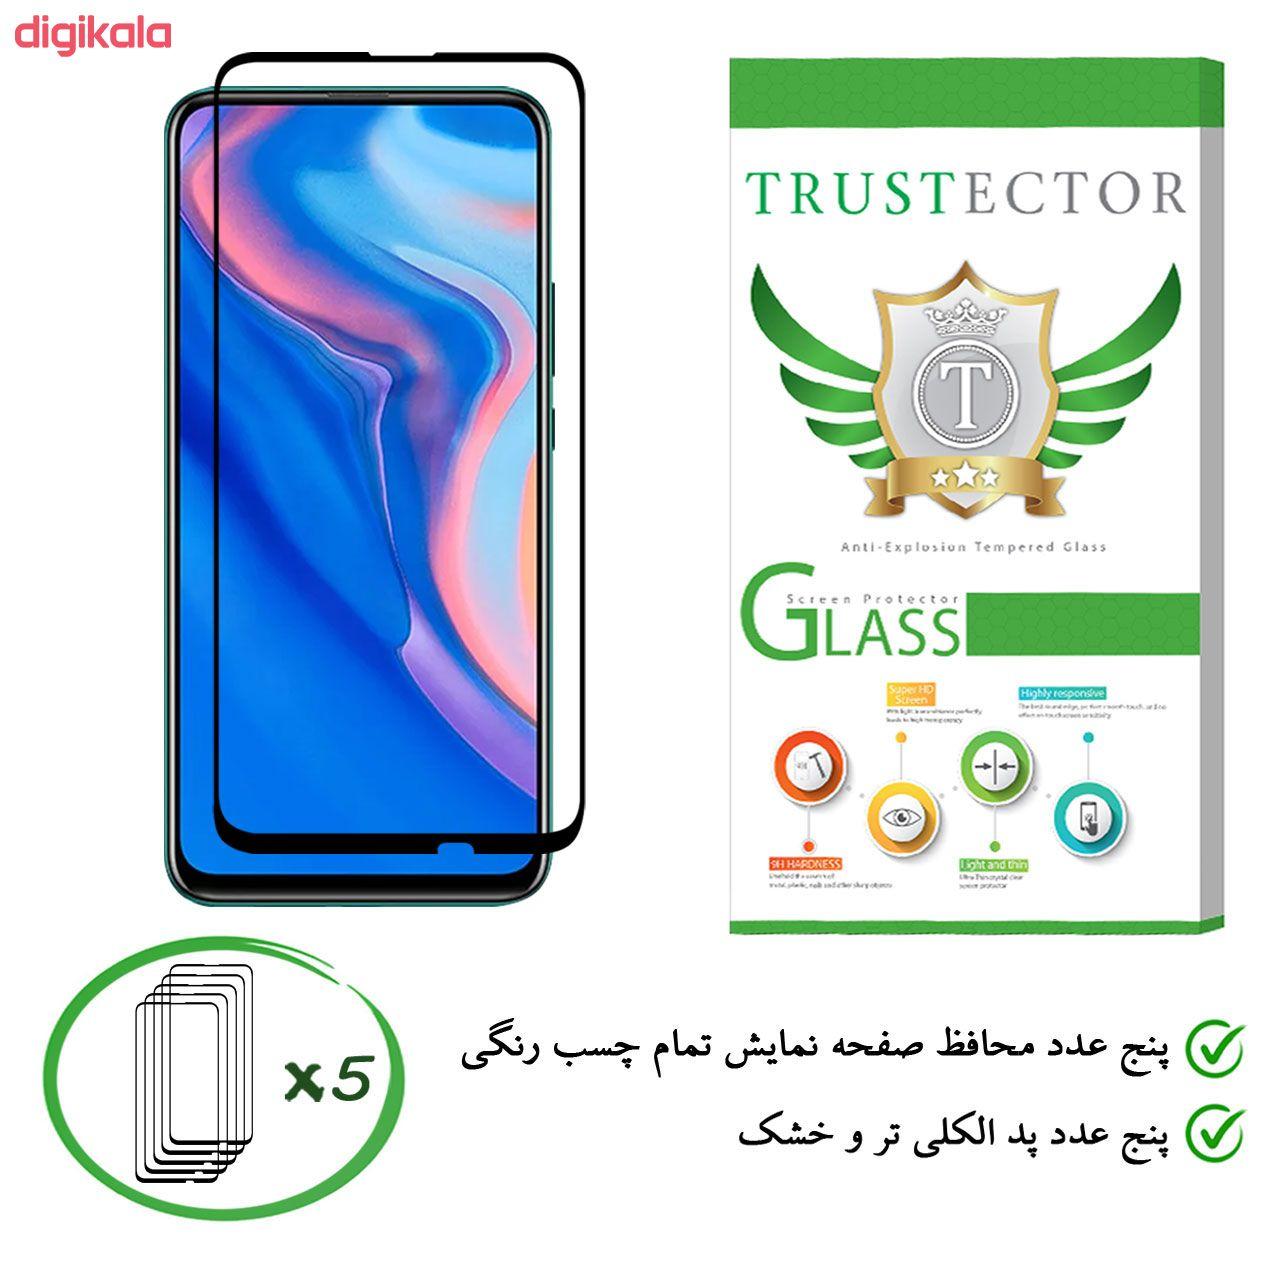 محافظ صفحه نمایش تراستکتور مدل GSS مناسب برای گوشی موبایل هوآوی Y9 Prime 2019 بسته 5 عددی main 1 1